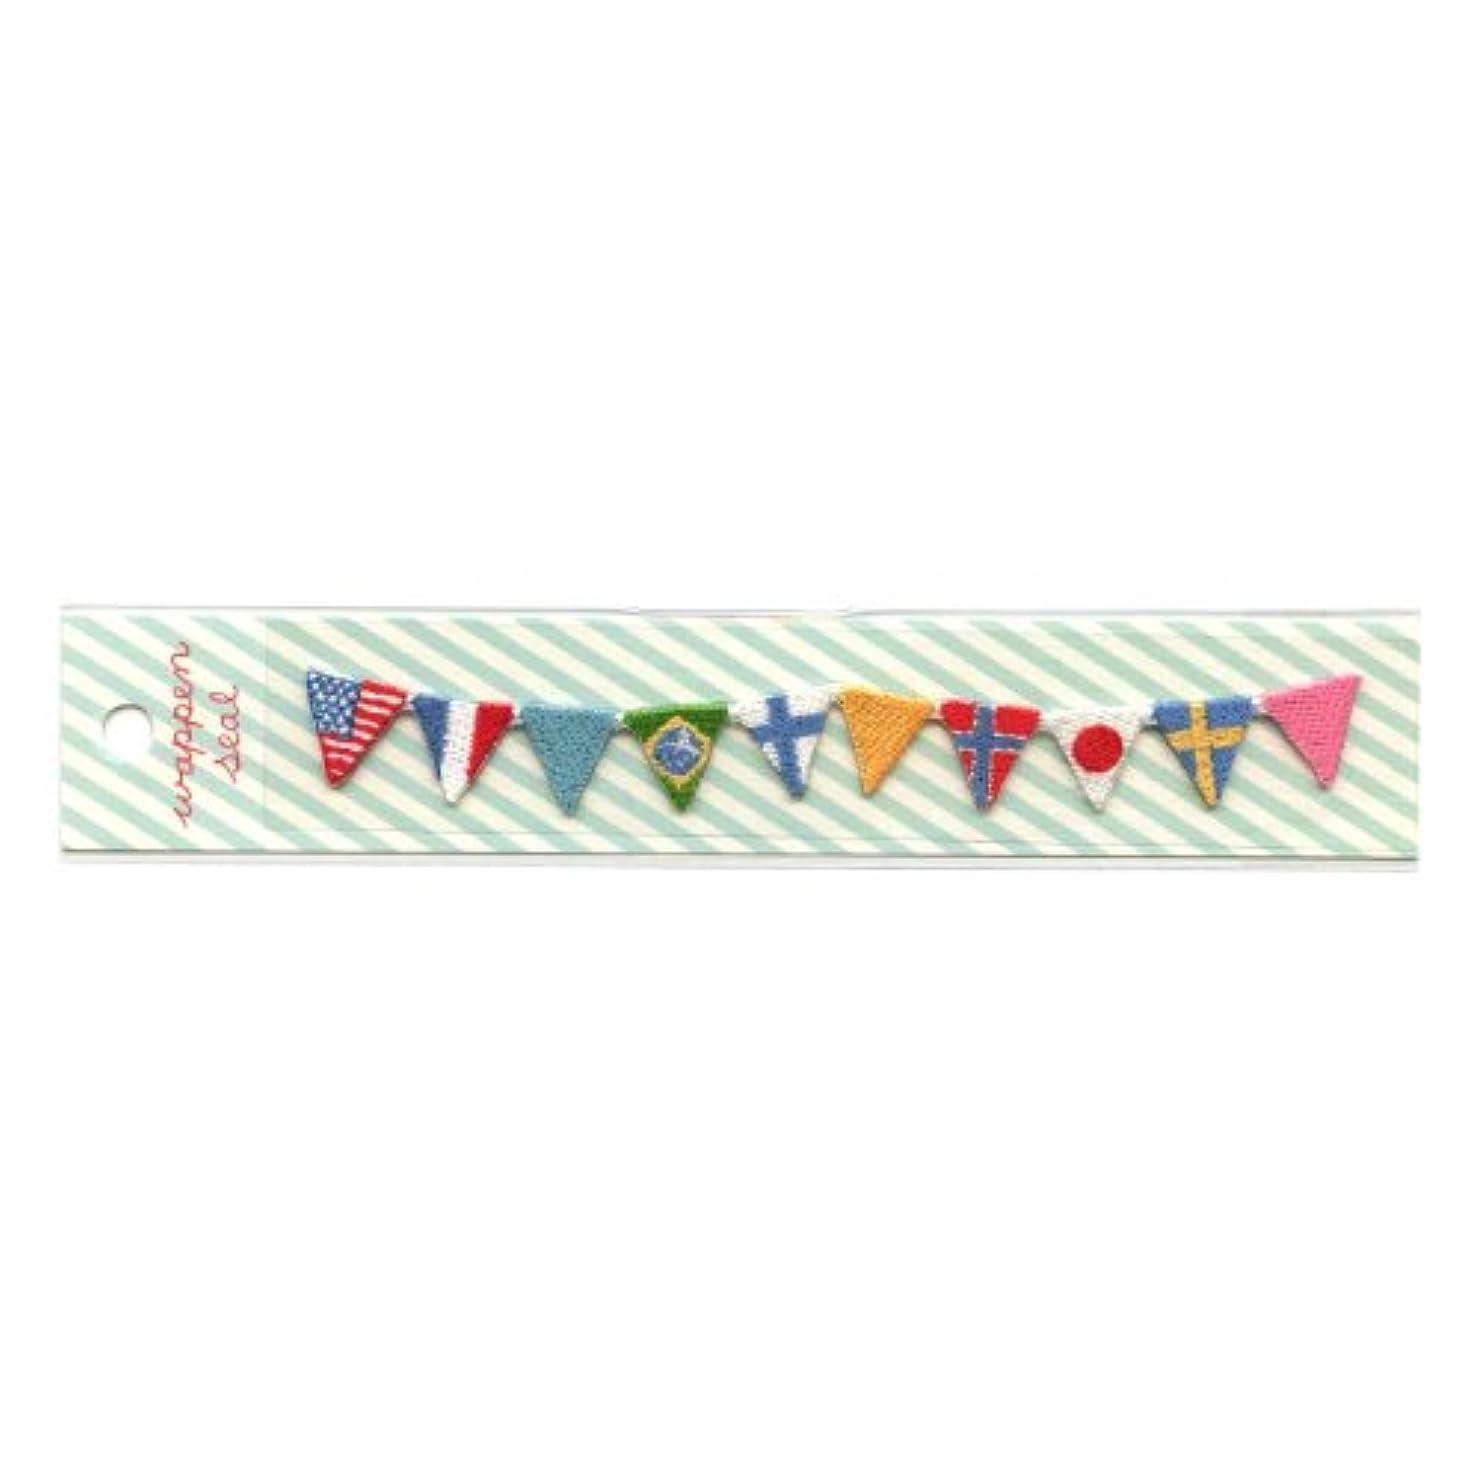 後世溶けた無駄リュリュ 刺繍ワッペンシール 国旗 SWS−12